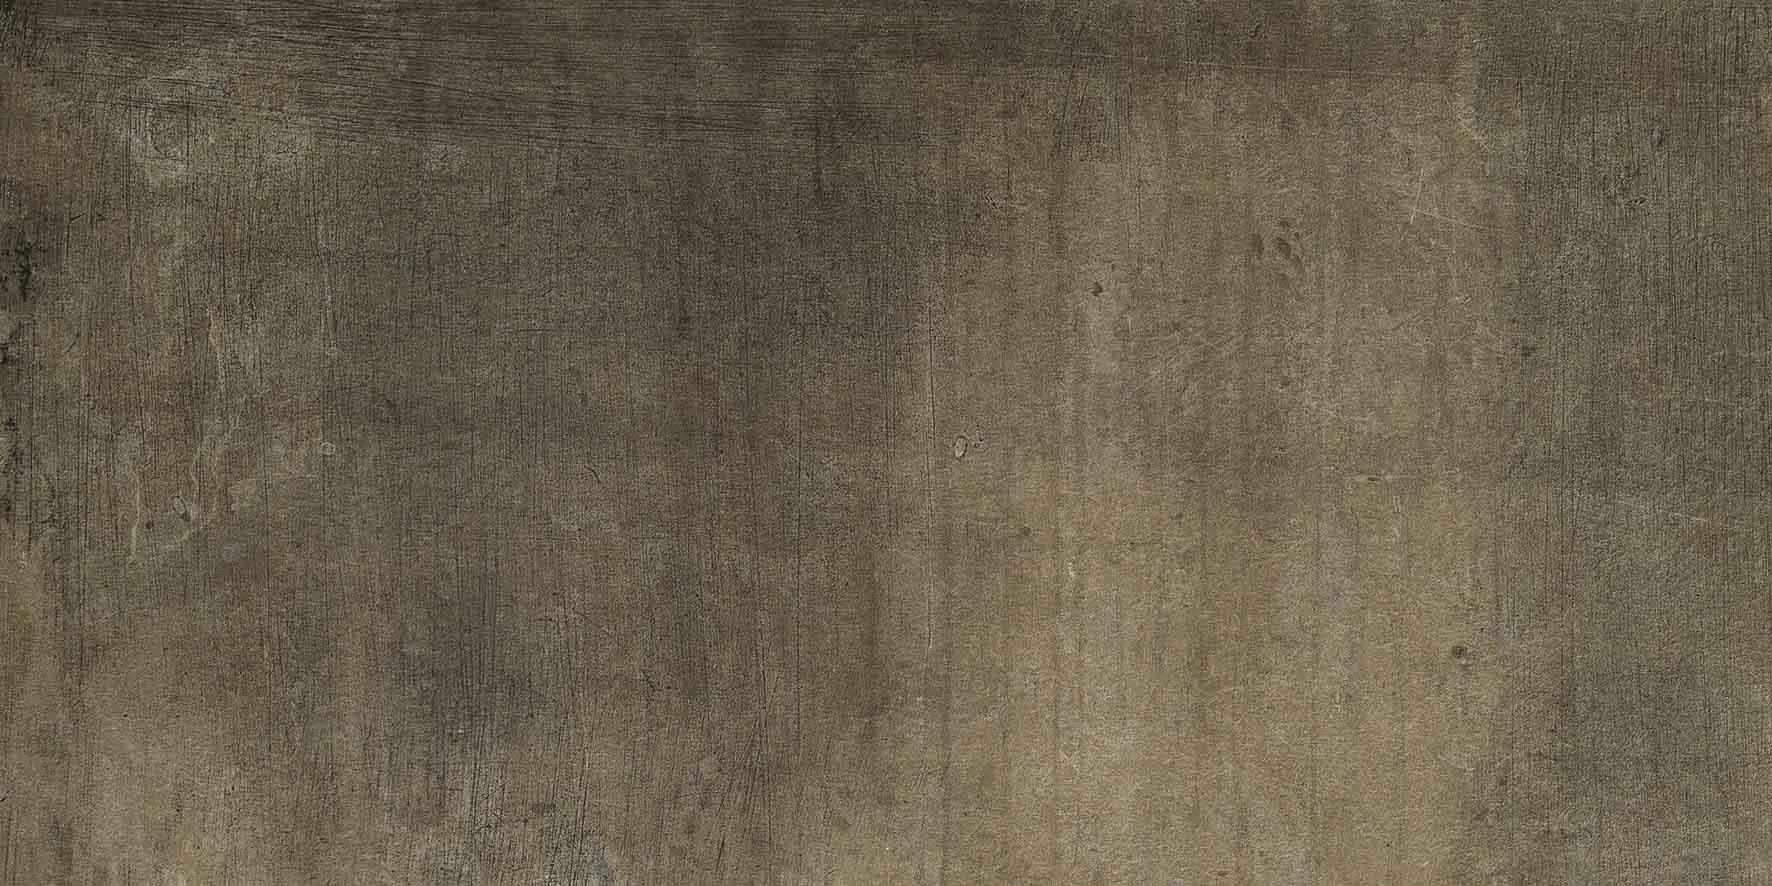 Matieres de Rex Brun Matte 10mm 40 x 80